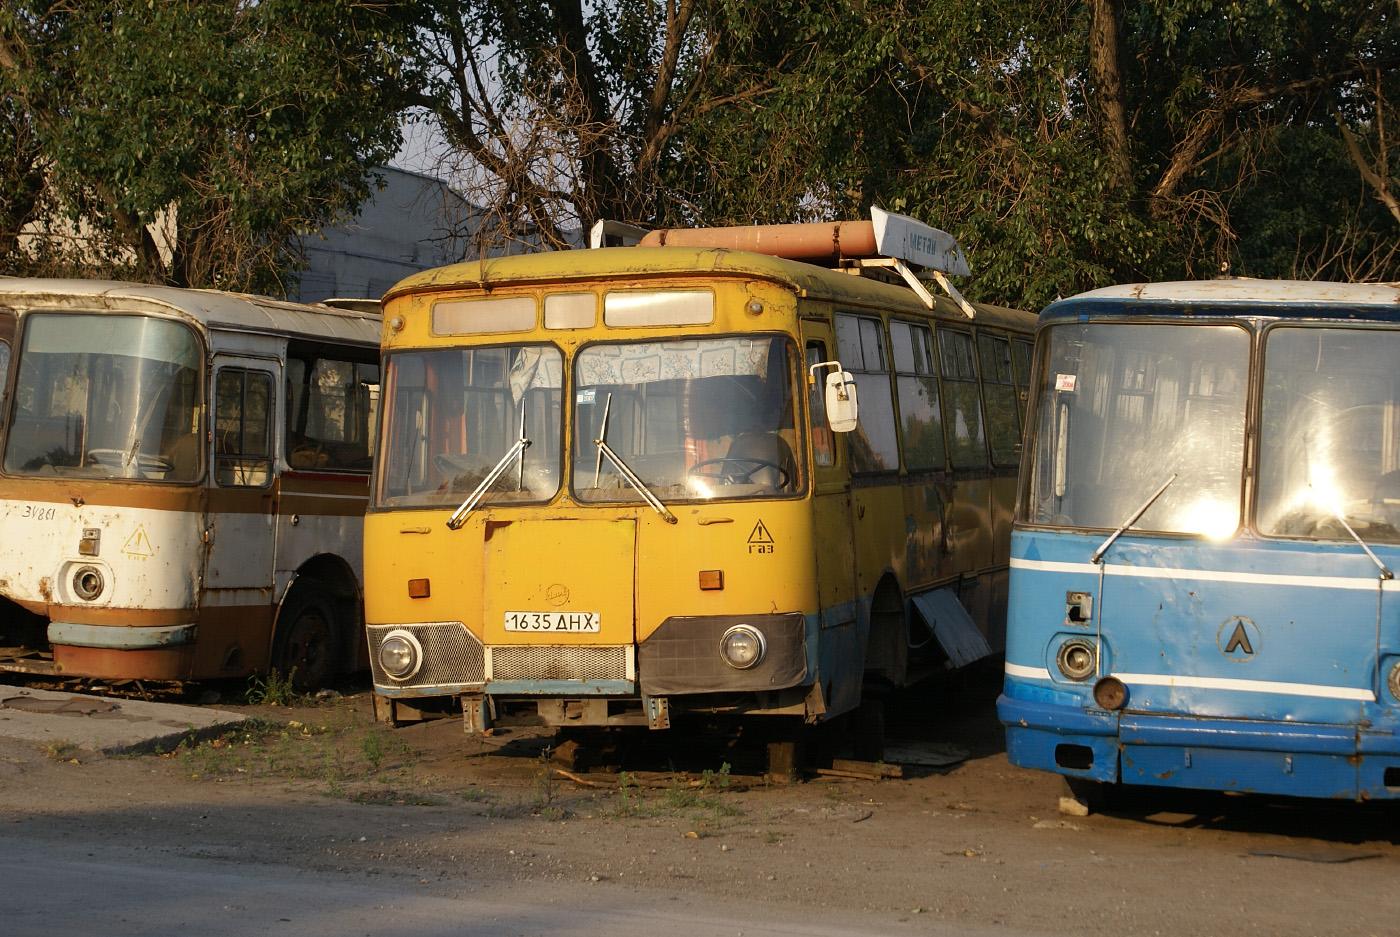 ЛиАЗ-677М №1635 ДНХ. Дніпропетровськ(Дніпро)